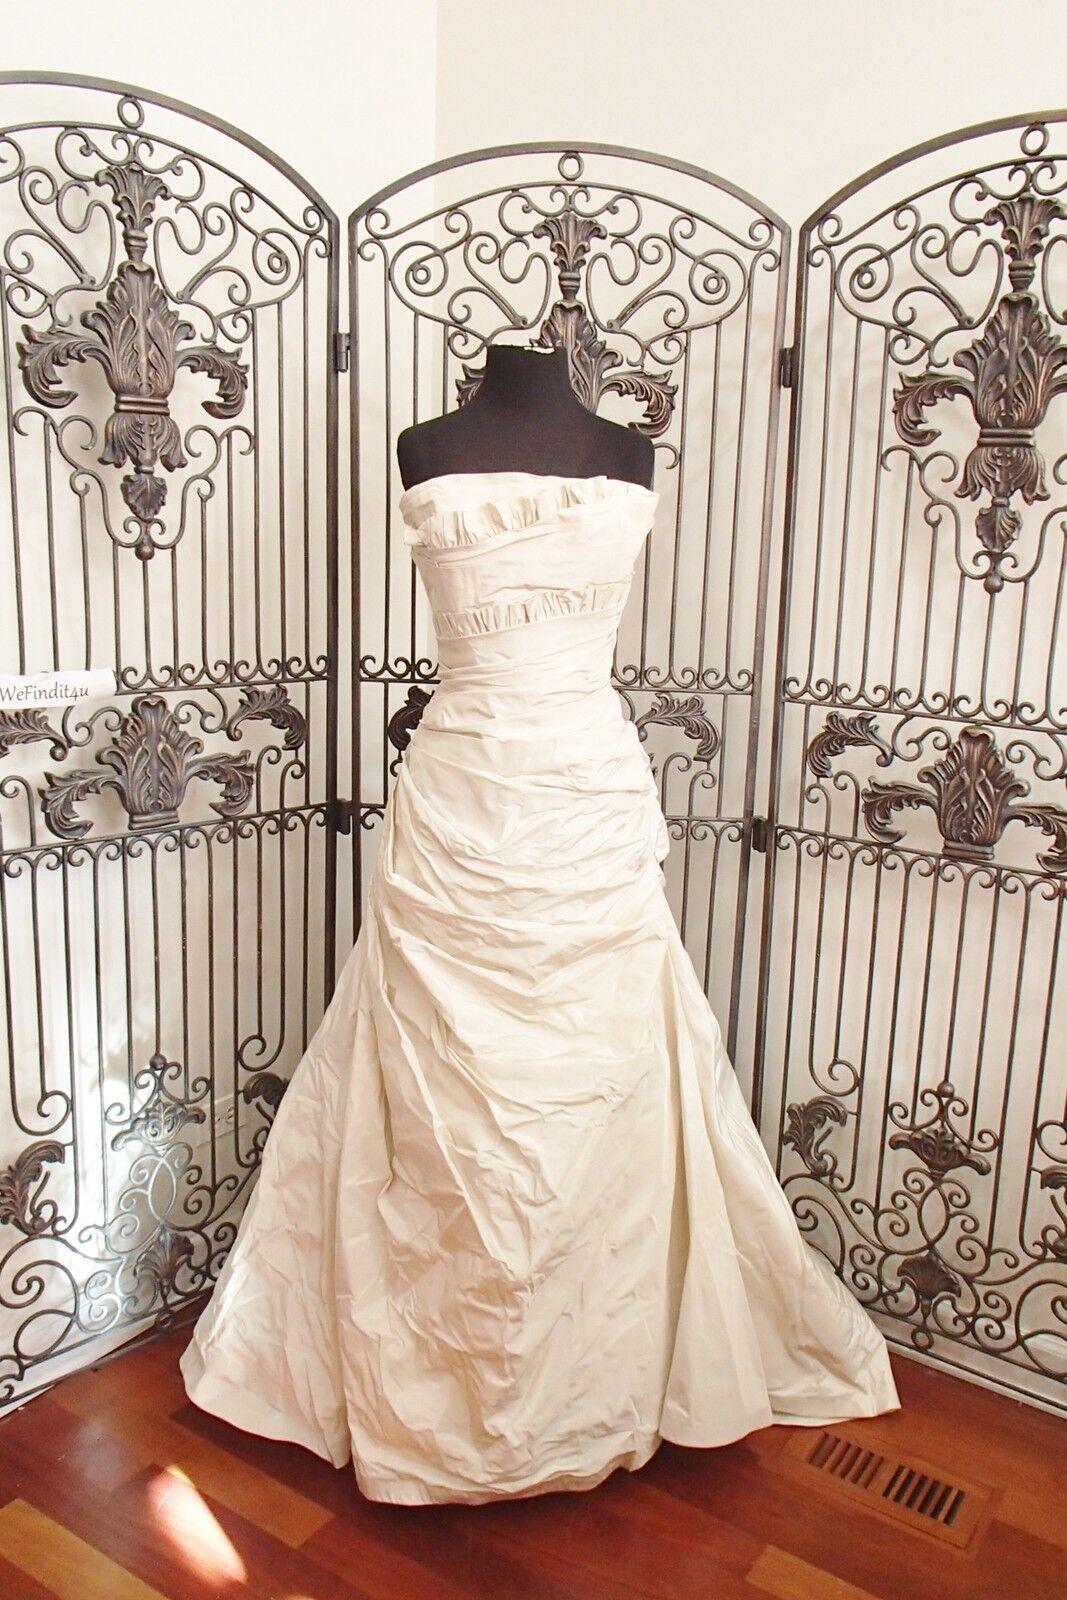 N71 Watters Monclova 4037b Hochzeitskleid Sz 12 Brautkleid Kleid | Vorzugspreis  | Tragen-wider  | Speichern